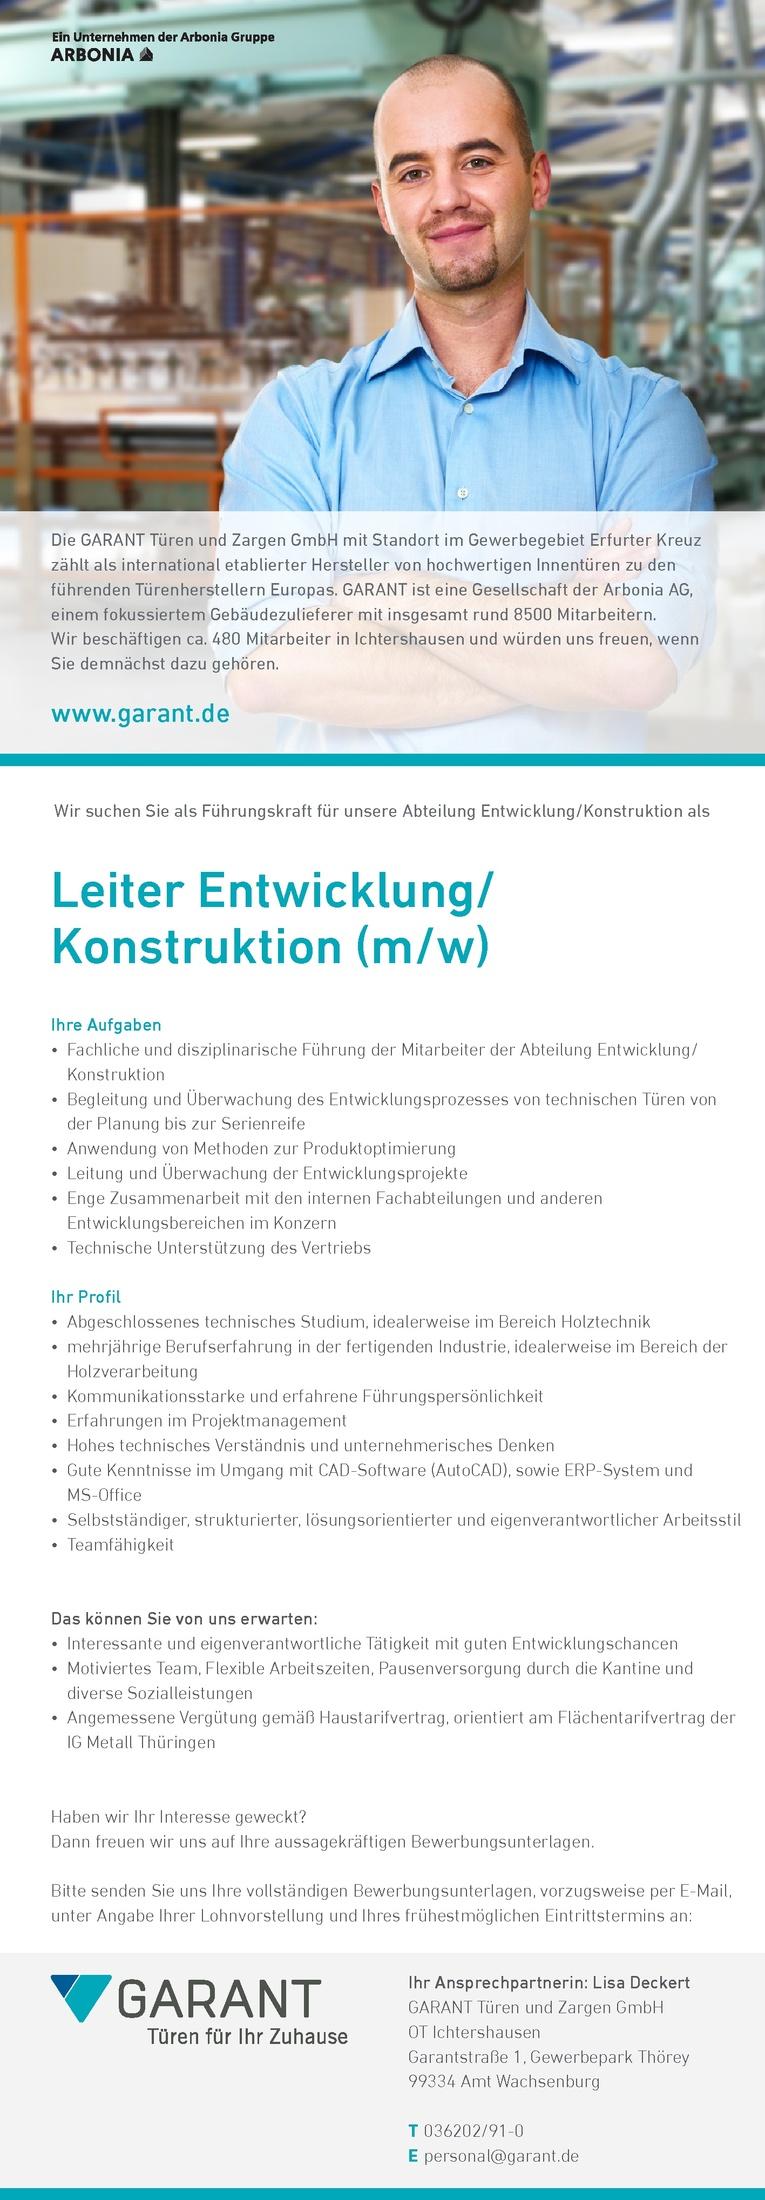 Leiter Entwicklung/ Konstruktion (m/w)